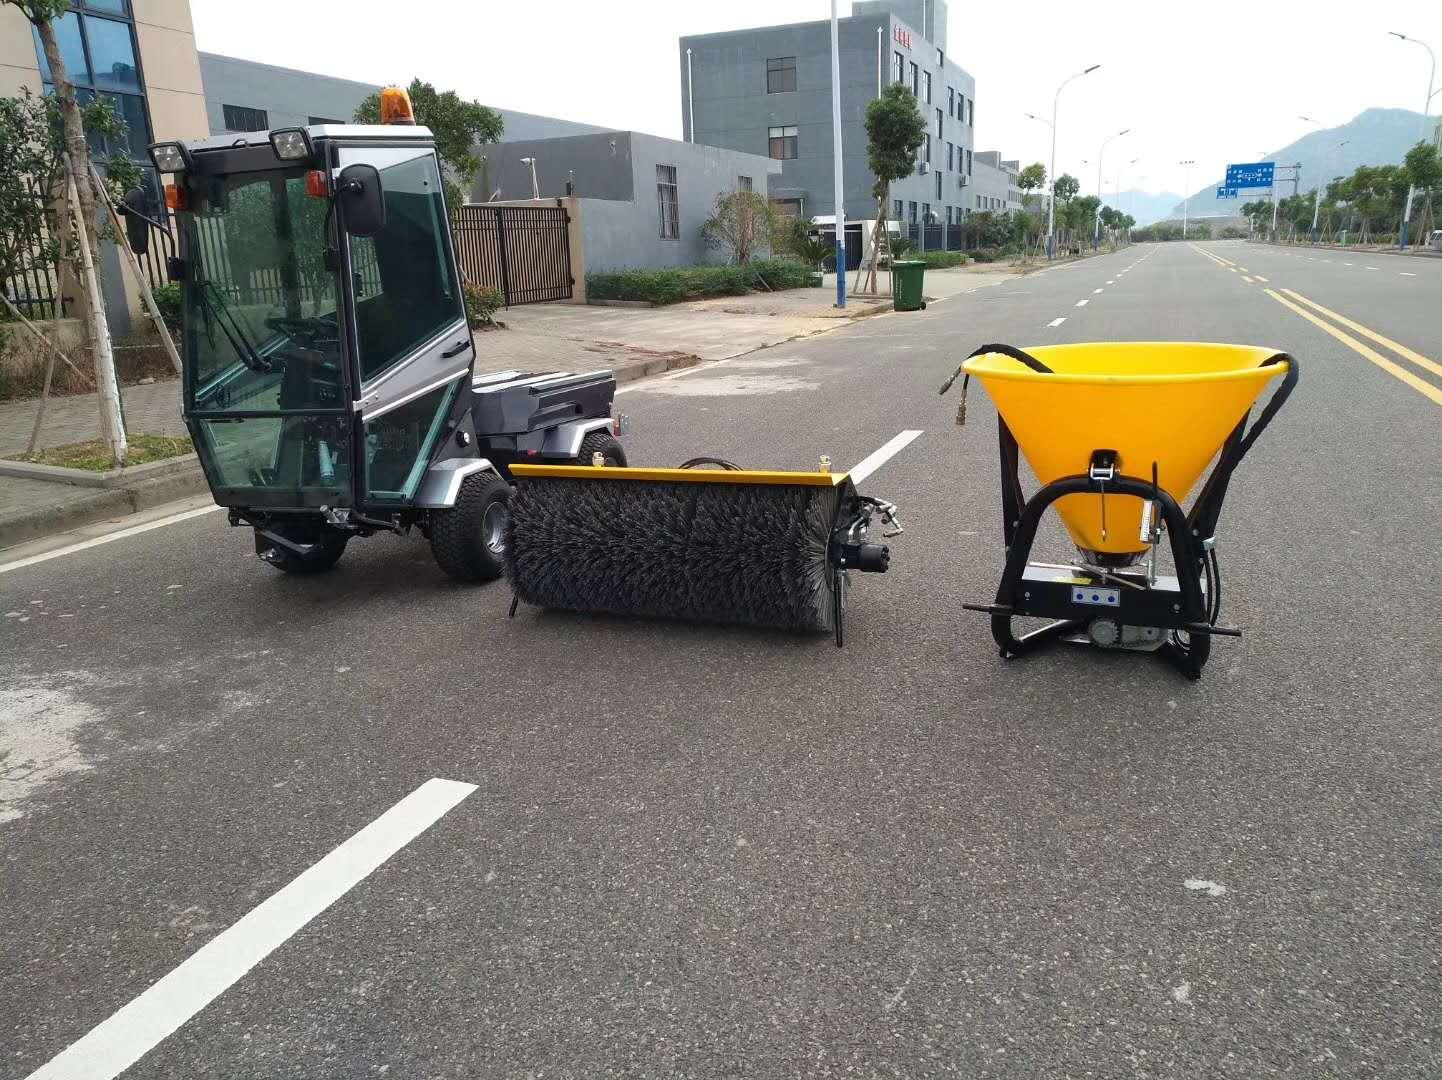 想要租赁电动驾驶式扫地机时,我们该注意哪些事项?